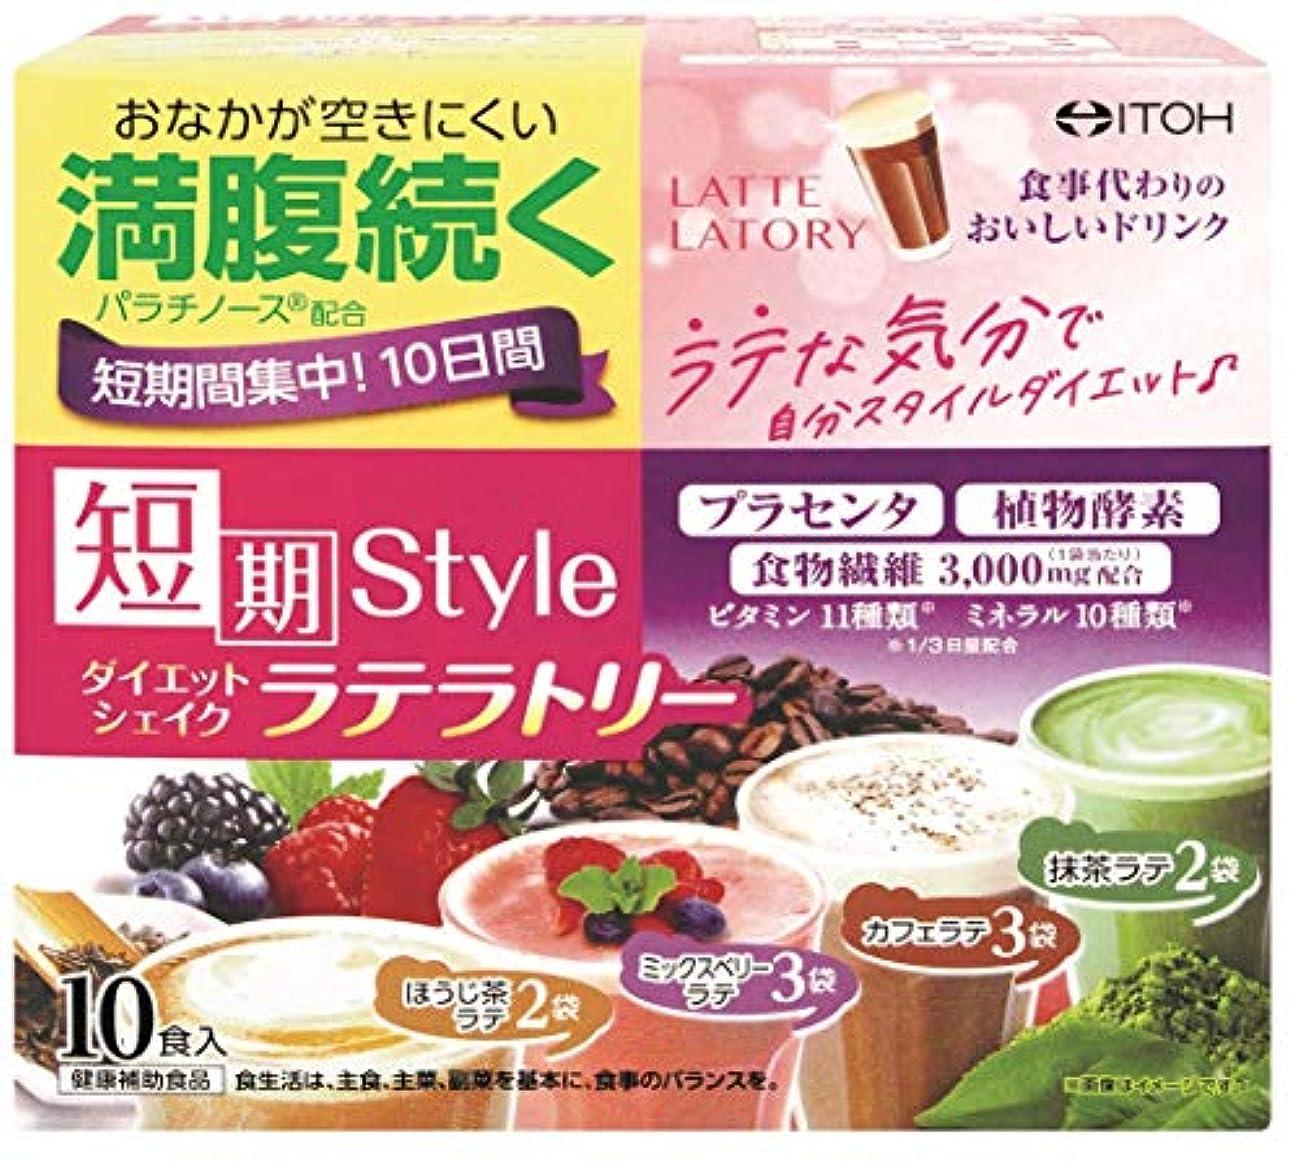 に負ける好戦的な好み井藤漢方製薬 短期スタイルダイエットシェイク ラテラトリー 10食分 25g×10袋